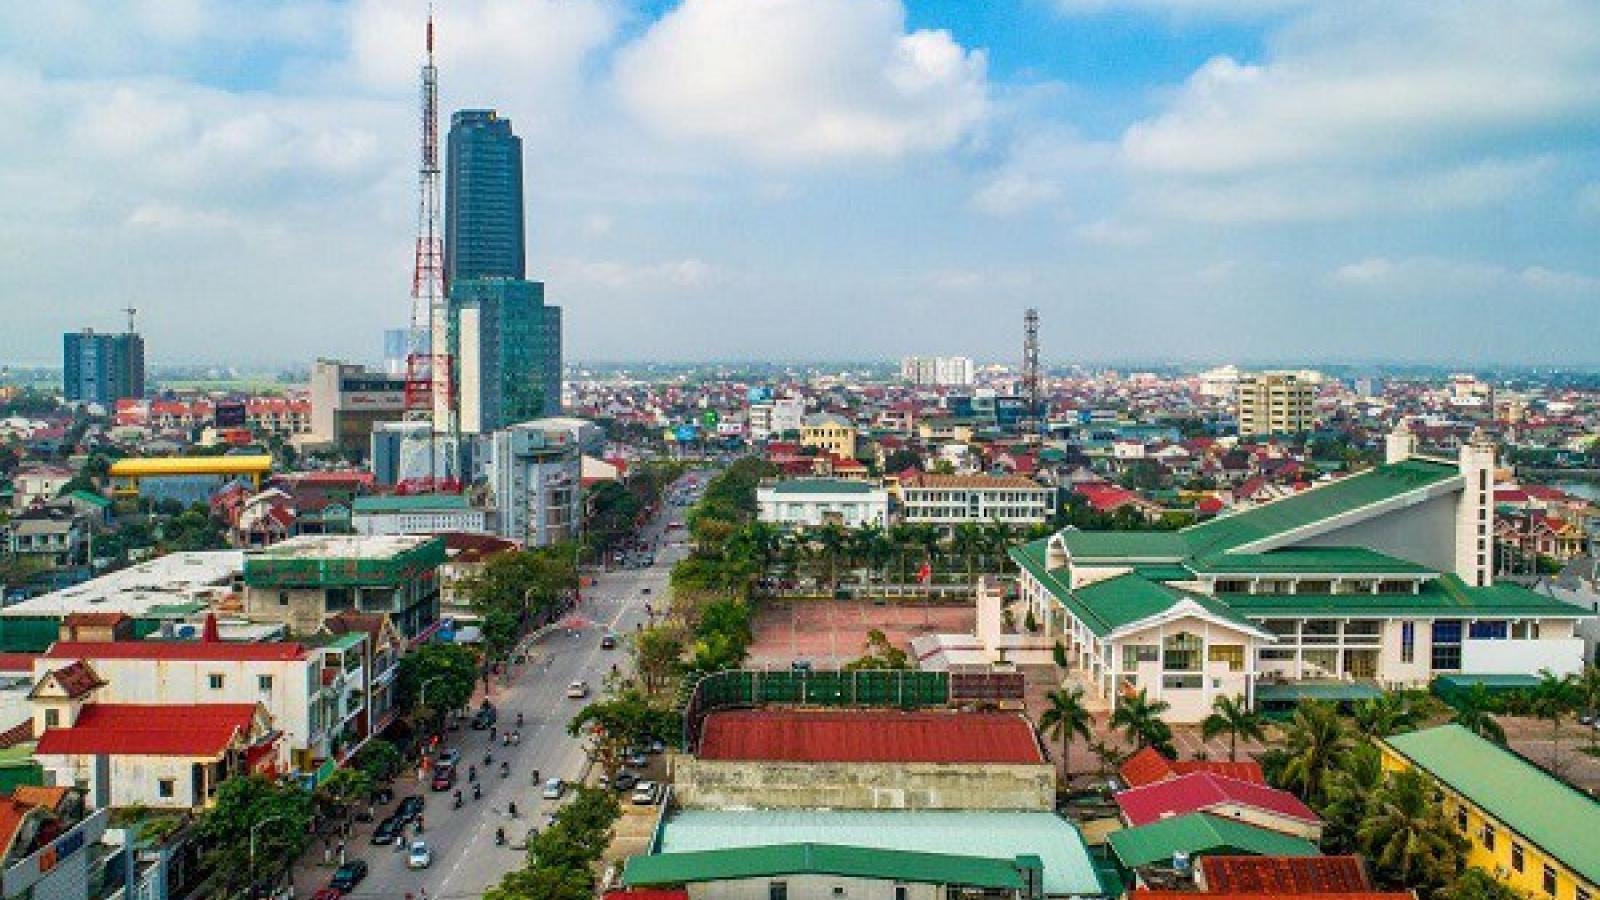 Vì sao tốc độ tăng trưởng của Hà Tĩnh thấp nhất khu vực Bắc Trung bộ?